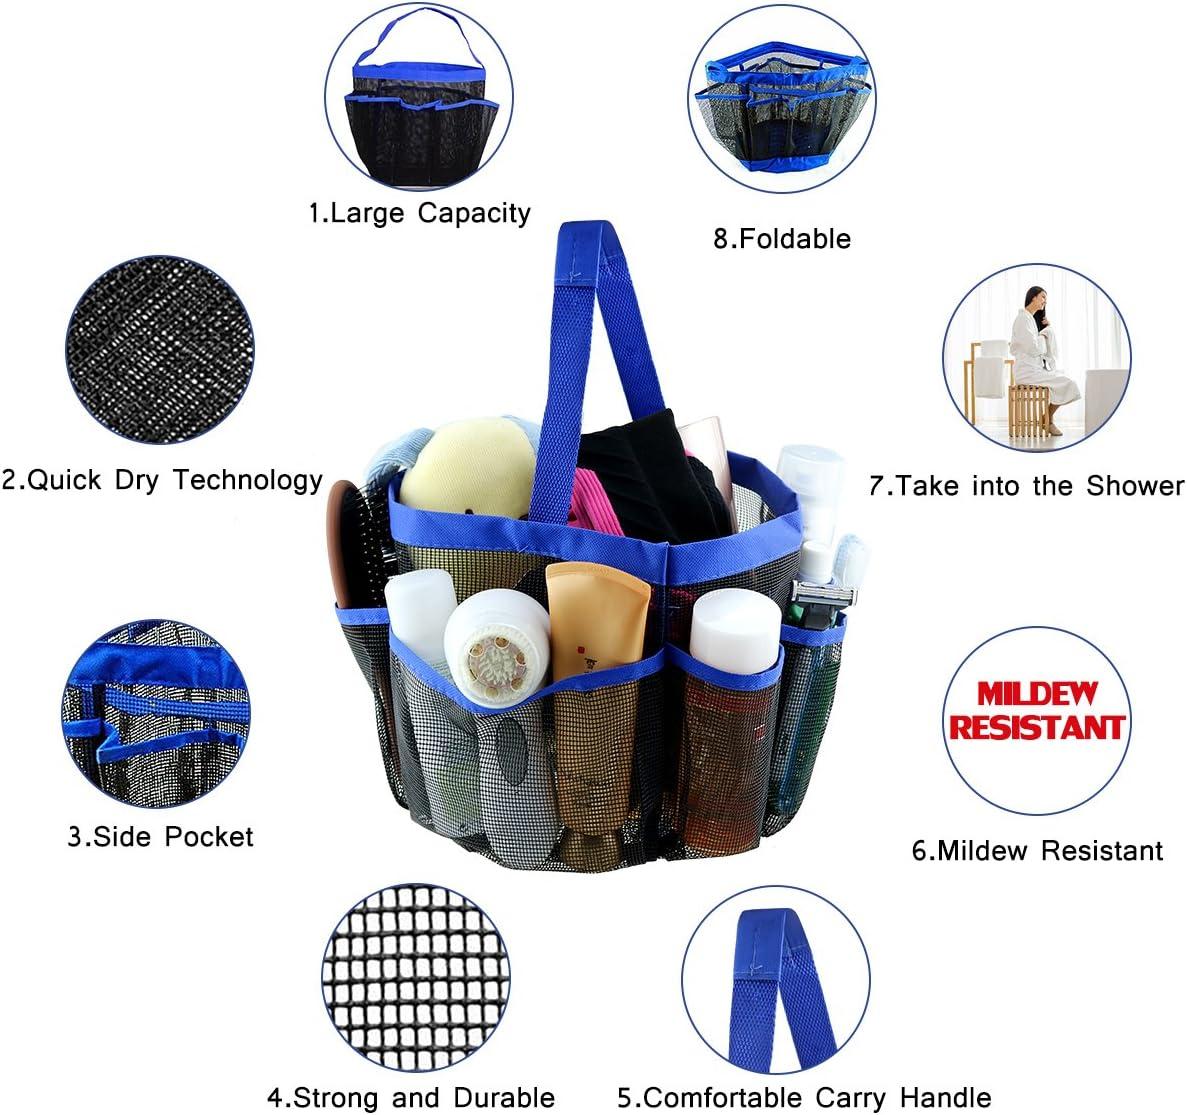 portaoggetti da bagno multifunzione per casa viaggio portaoggetti da doccia portatile in rete Shayson trousse con 8 tasche resistente allacqua e alla muffa palestra dormitorio o campeggio asciugatura veloce